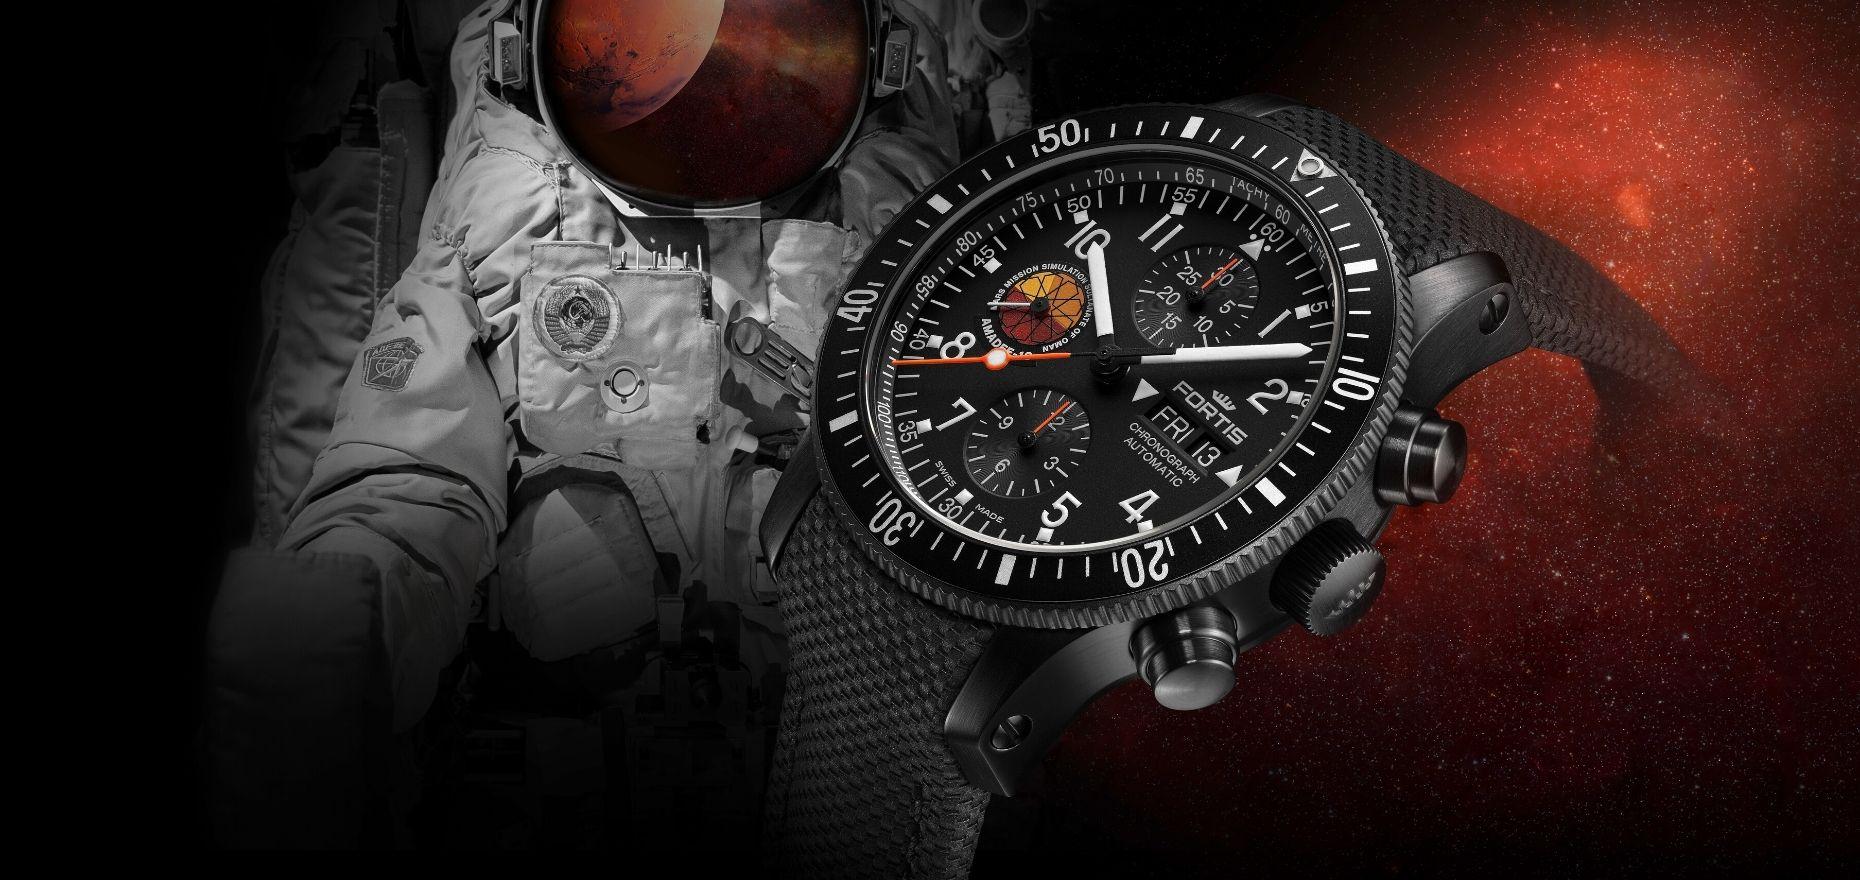 Fortis Official Cosmonauts Amadee-18 Chronograph: Astronauten-Gear für angehende Mars-Reisende